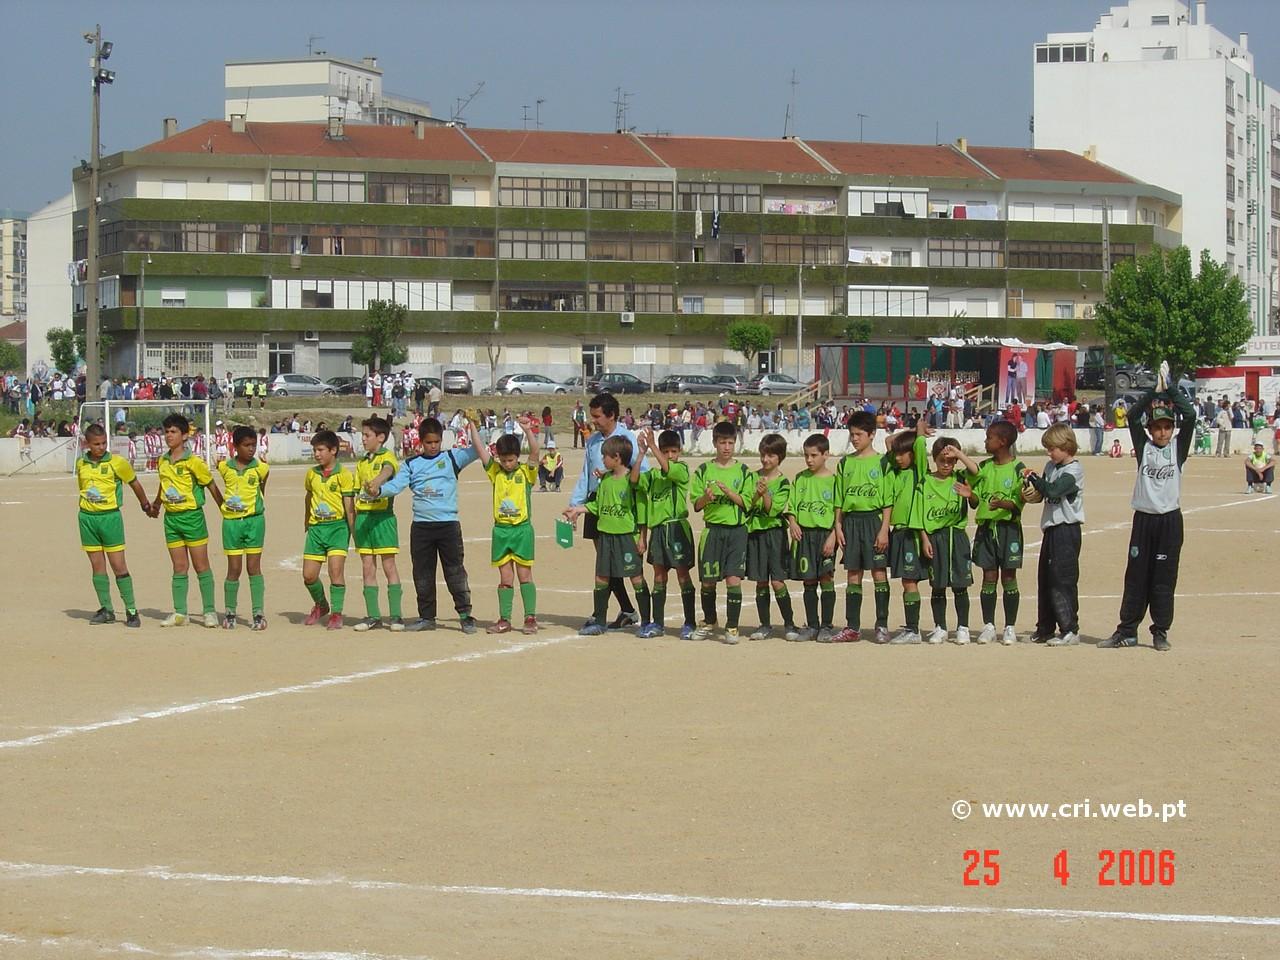 2006 04 25 cri-scp torneio fcb